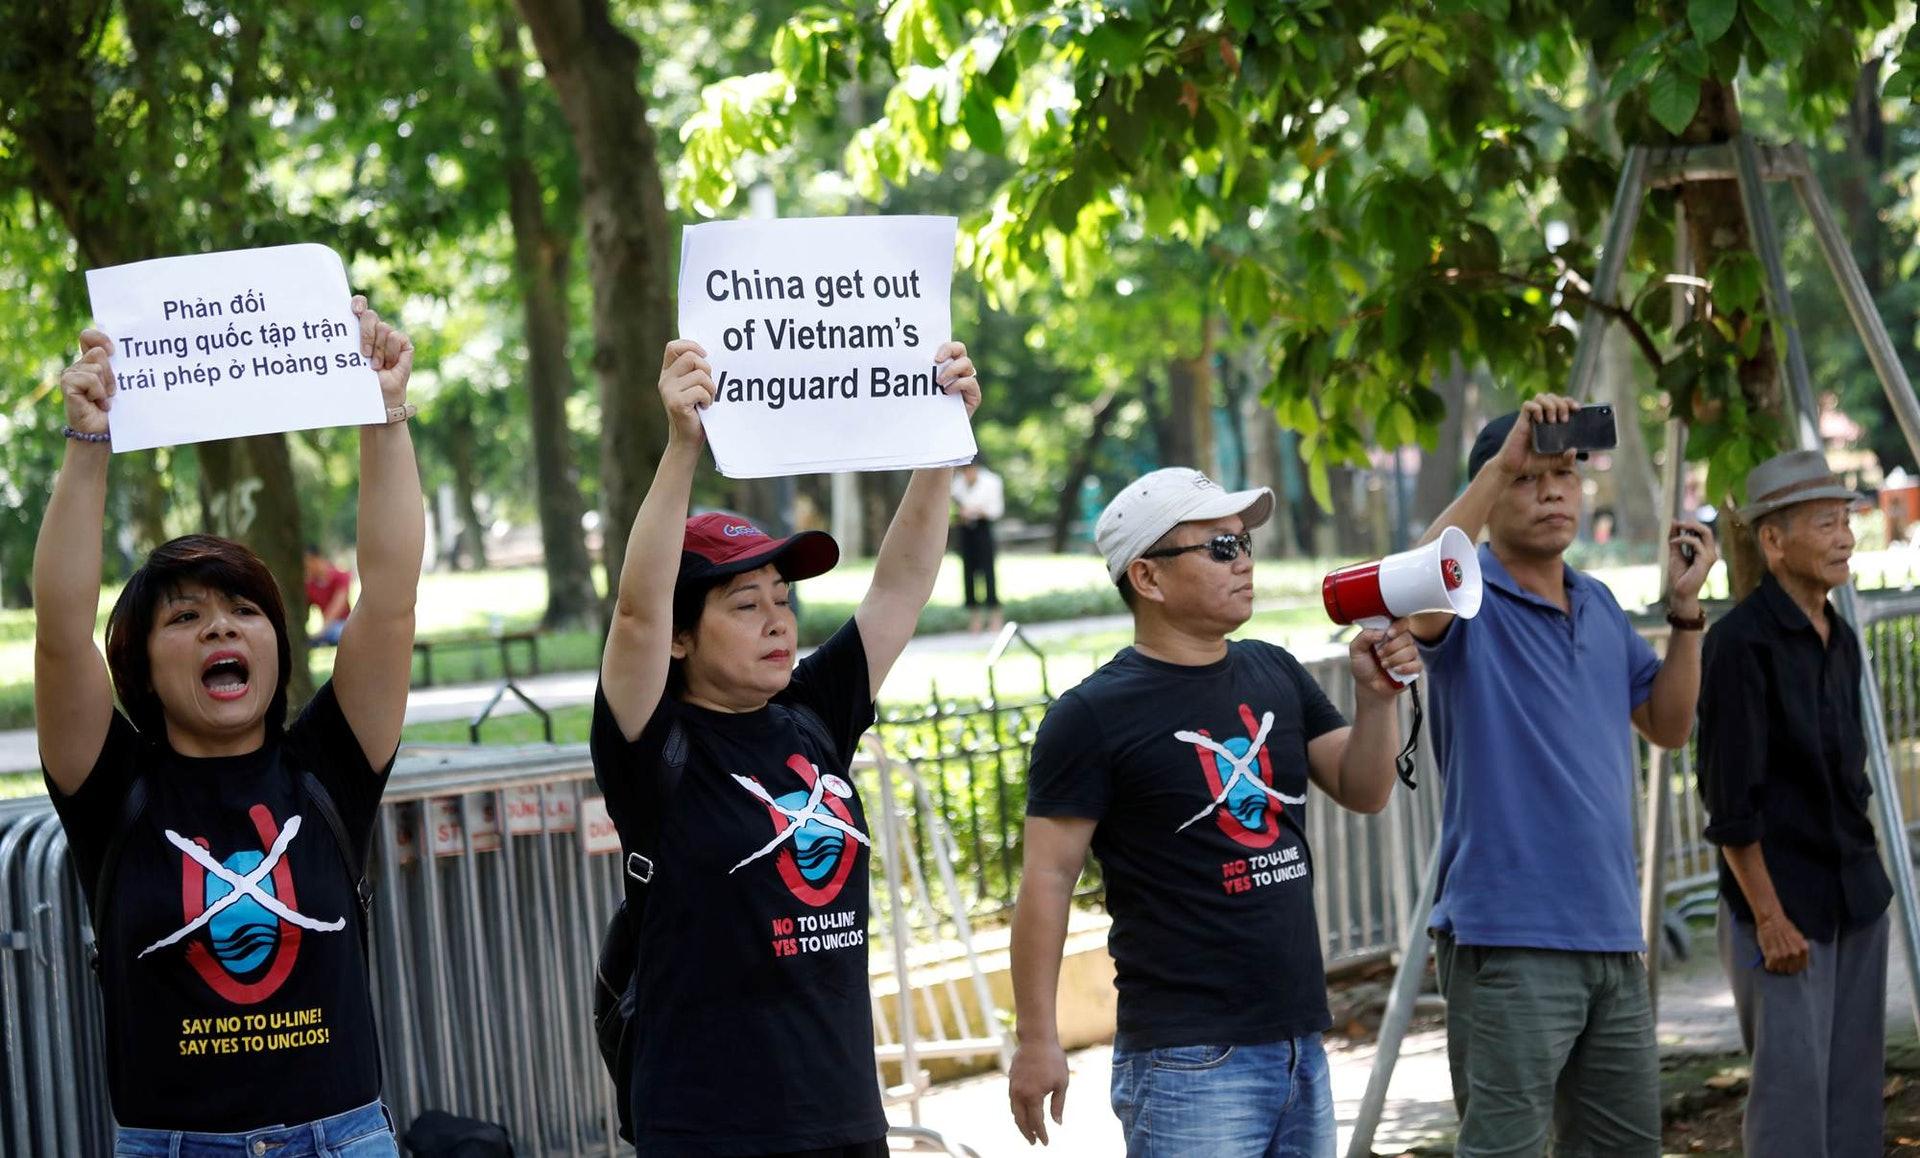 在2019年,阮氏介入的「No-U」組織曾參加了一次專為外媒記者準備的示威活動,當天,約8人前往中國駐越南大使館門前快閃,路透社等媒體記者隨即抓拍,雖然警方出面將其驅離,但照片已經成功發佈。(路透社)